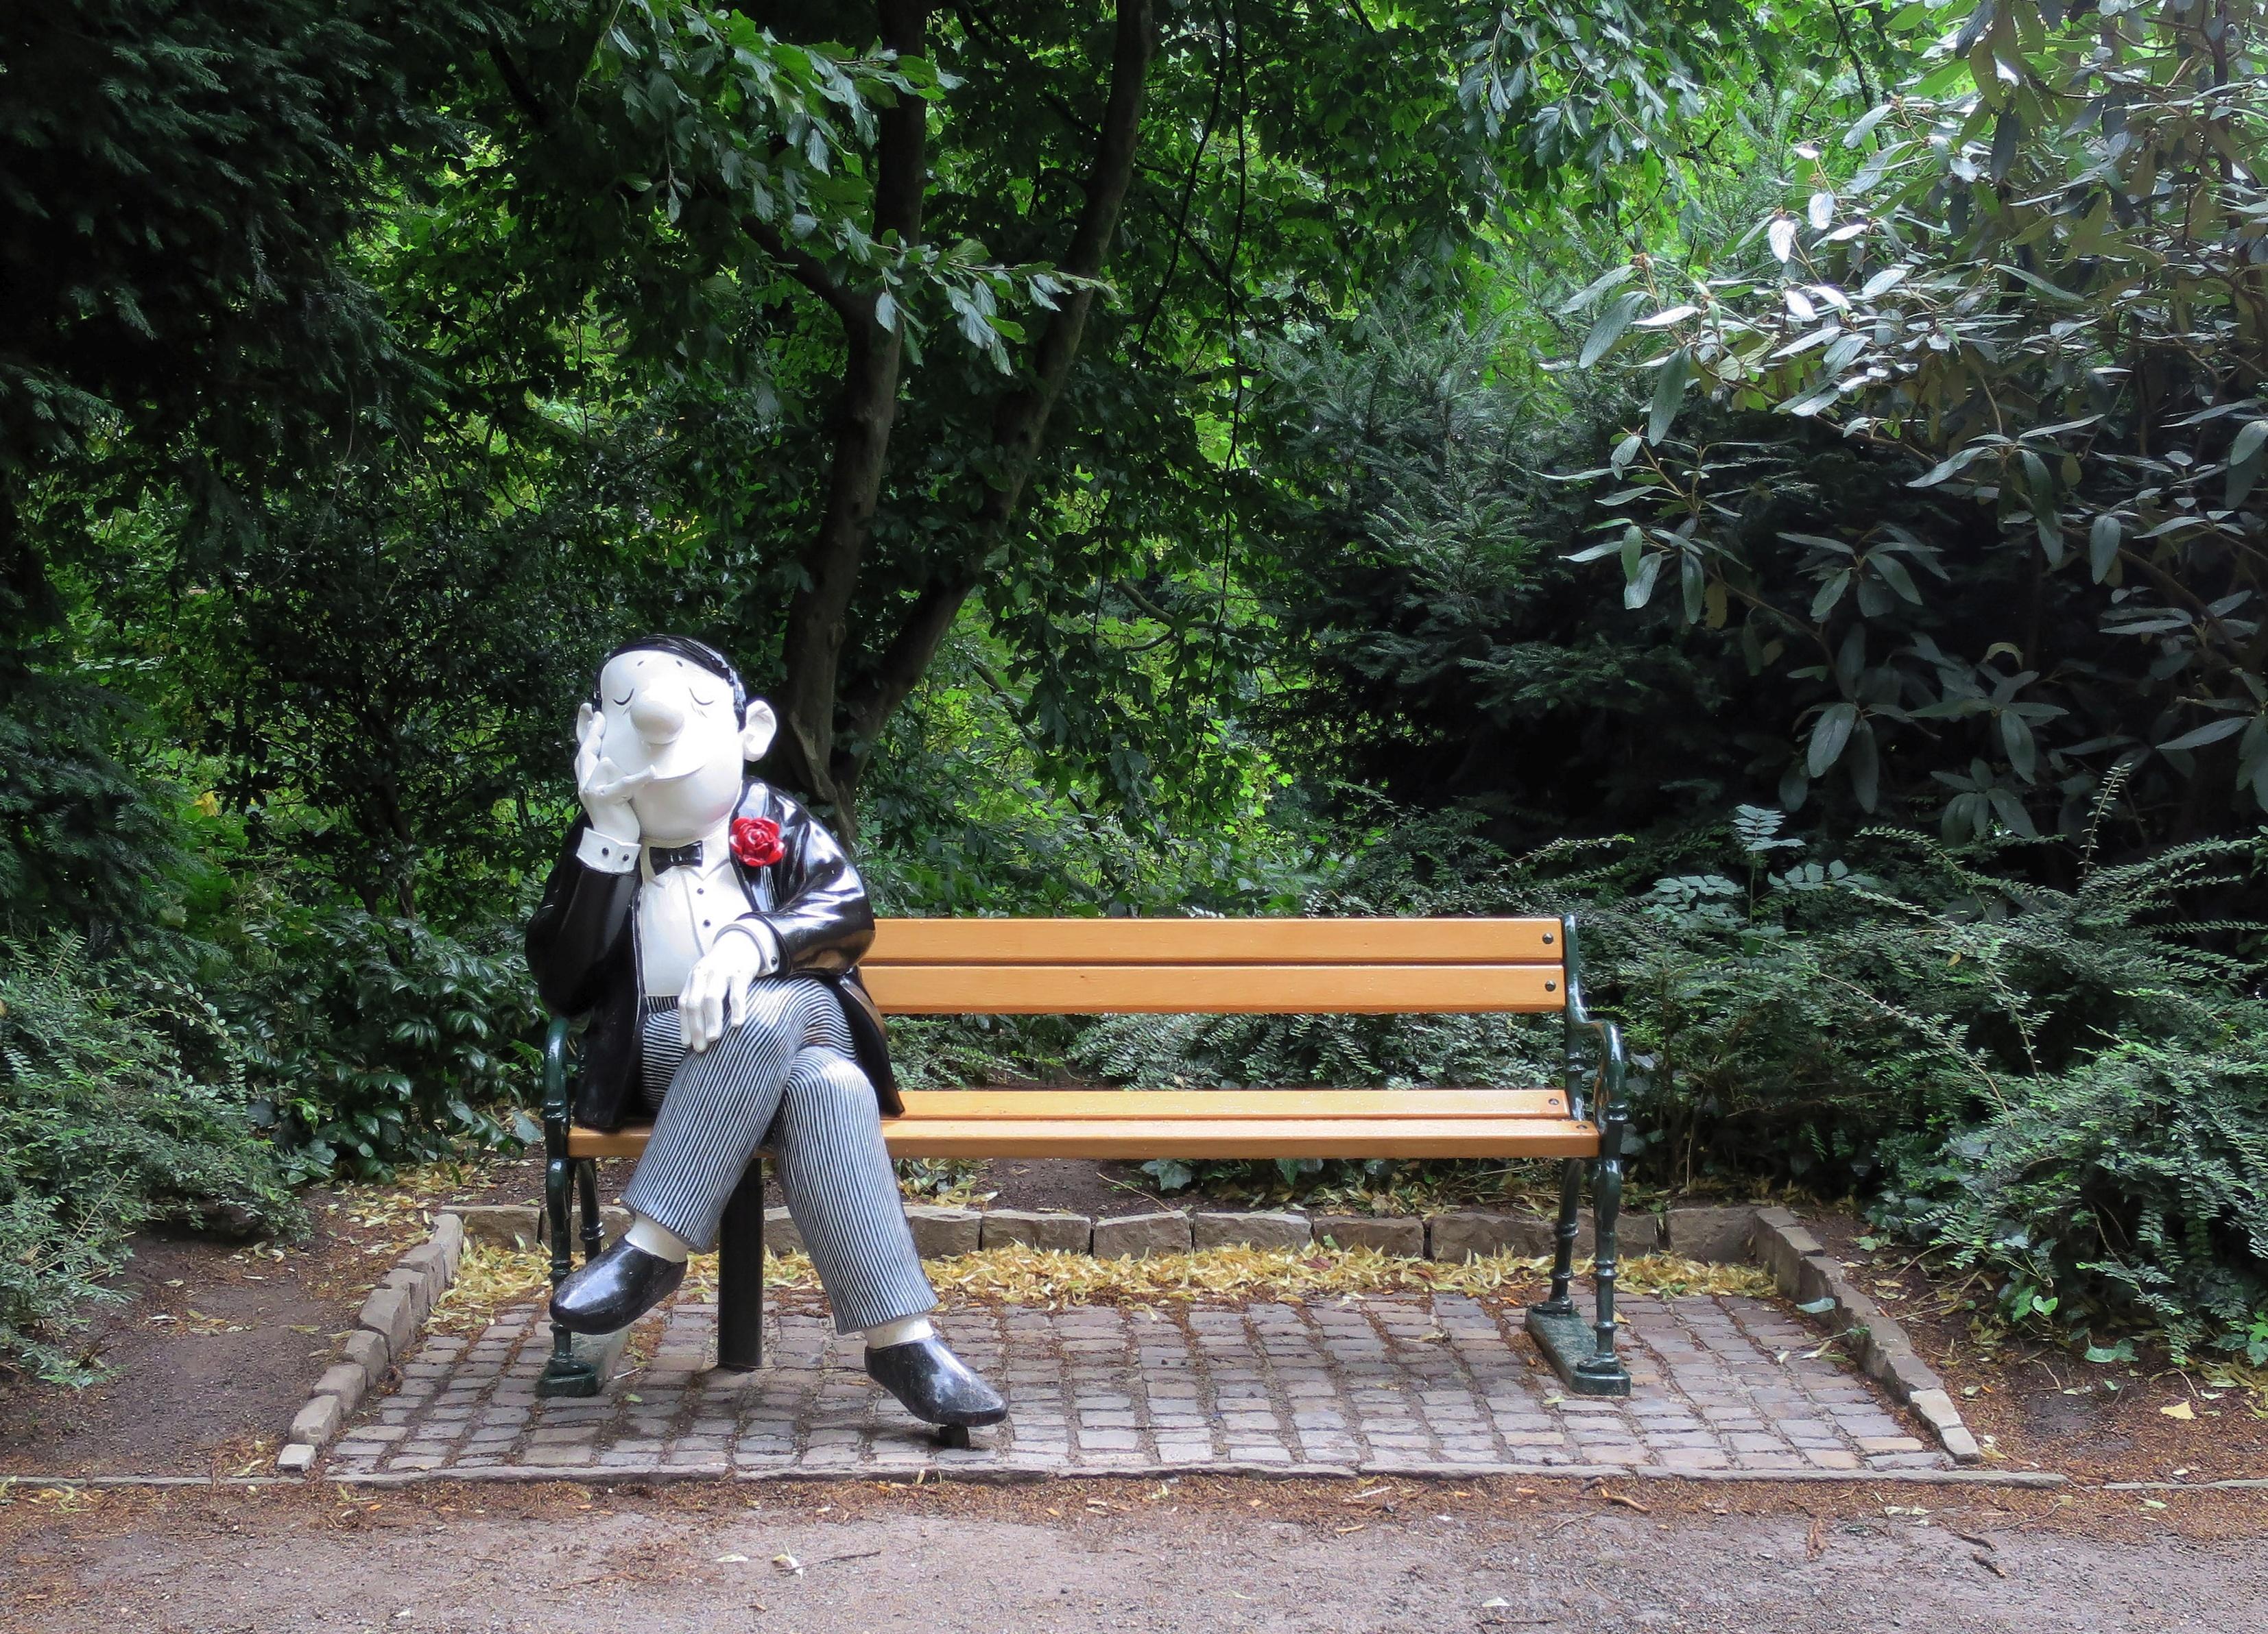 filebremen loriotplatz parkbank mit sitzfigur nach